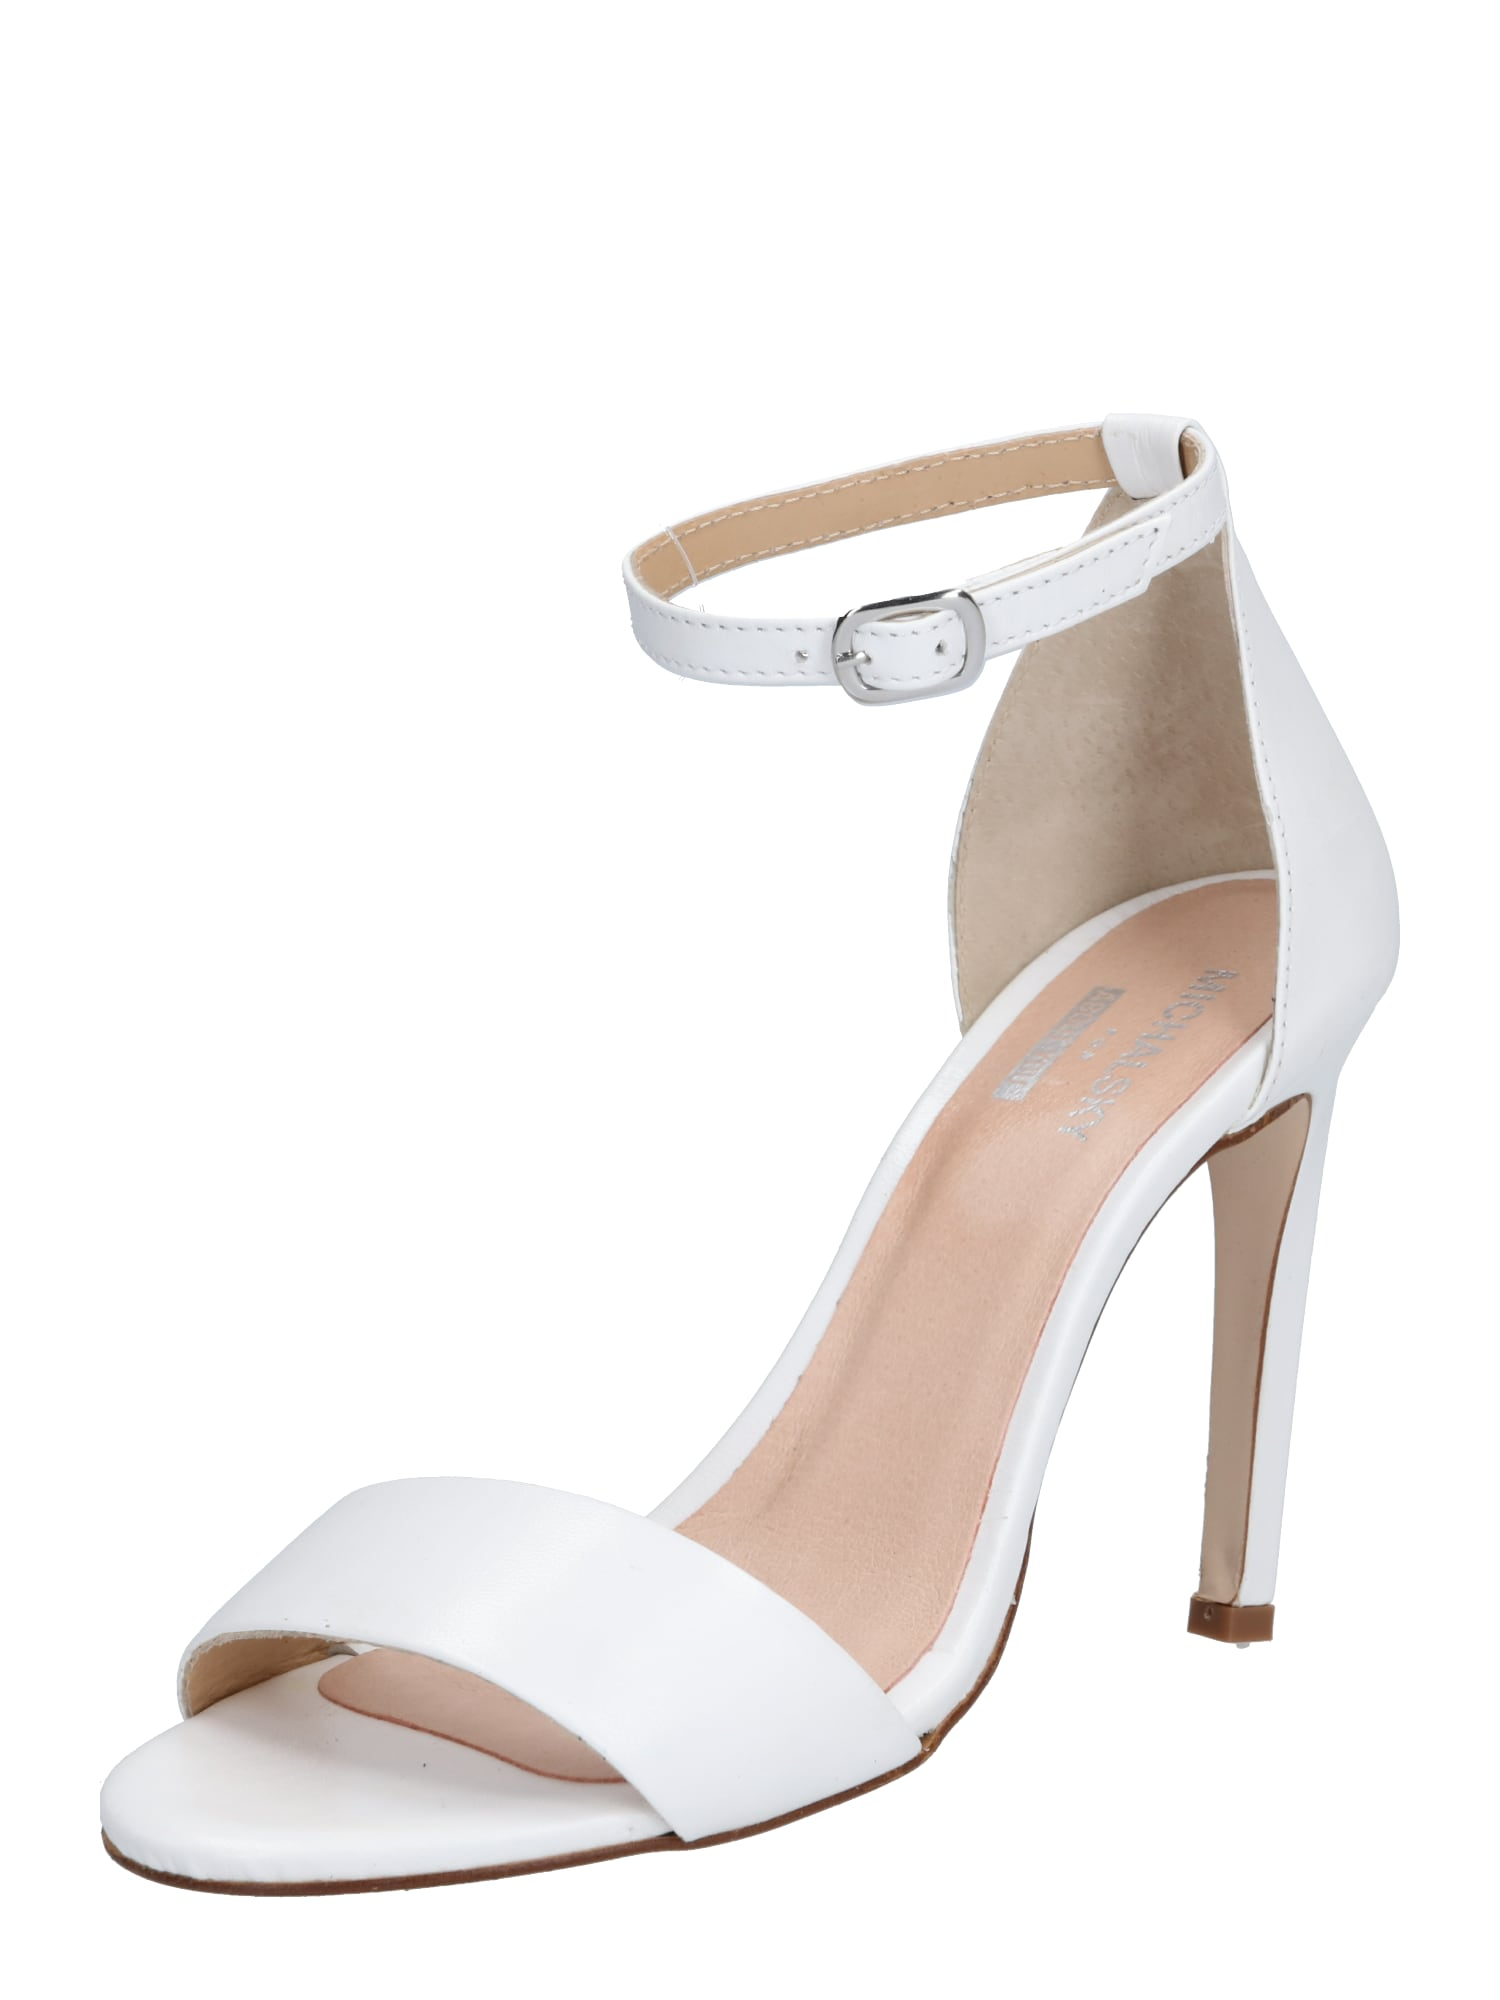 Páskové sandály Holly sandal bílá MICHALSKY FOR ABOUT YOU